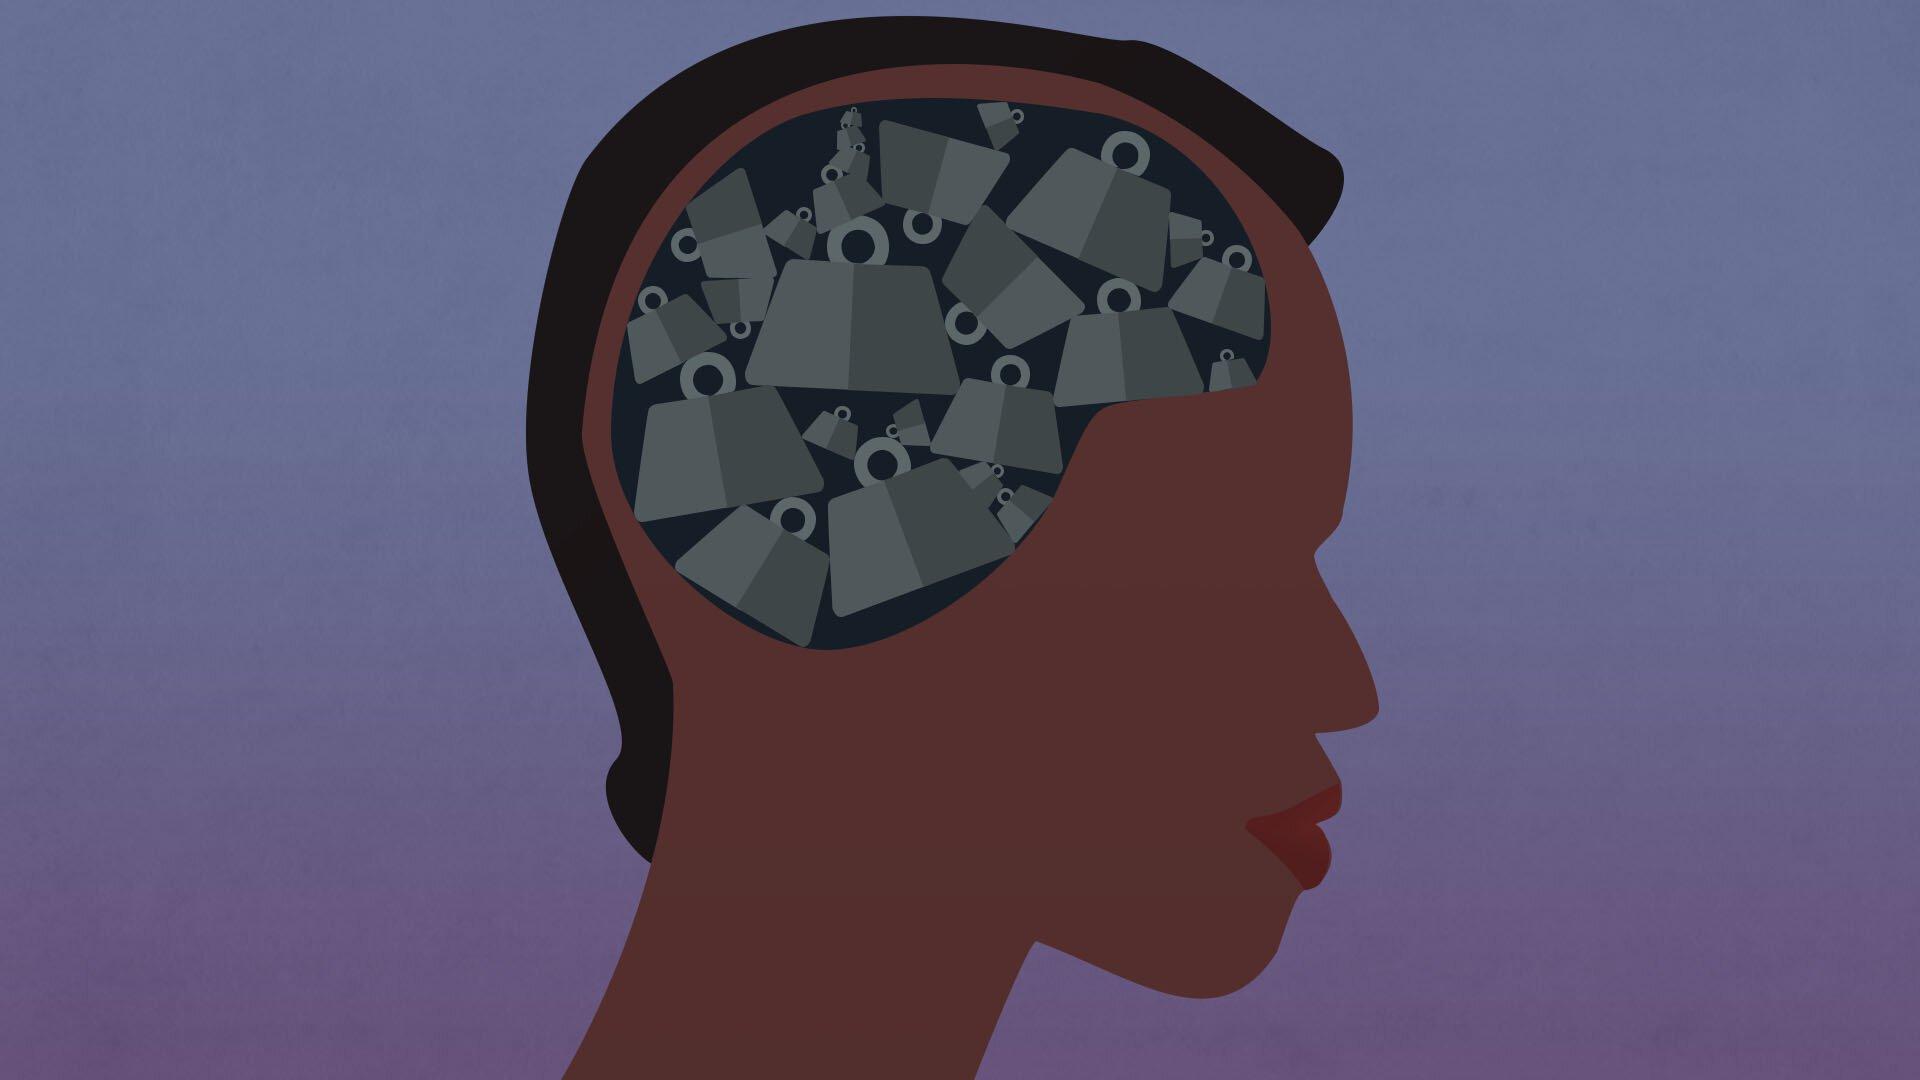 burn out, burnout, burnette, charge mentale, femmes, hommes, inégalités, reconstruction, mental, psychique, psychologique